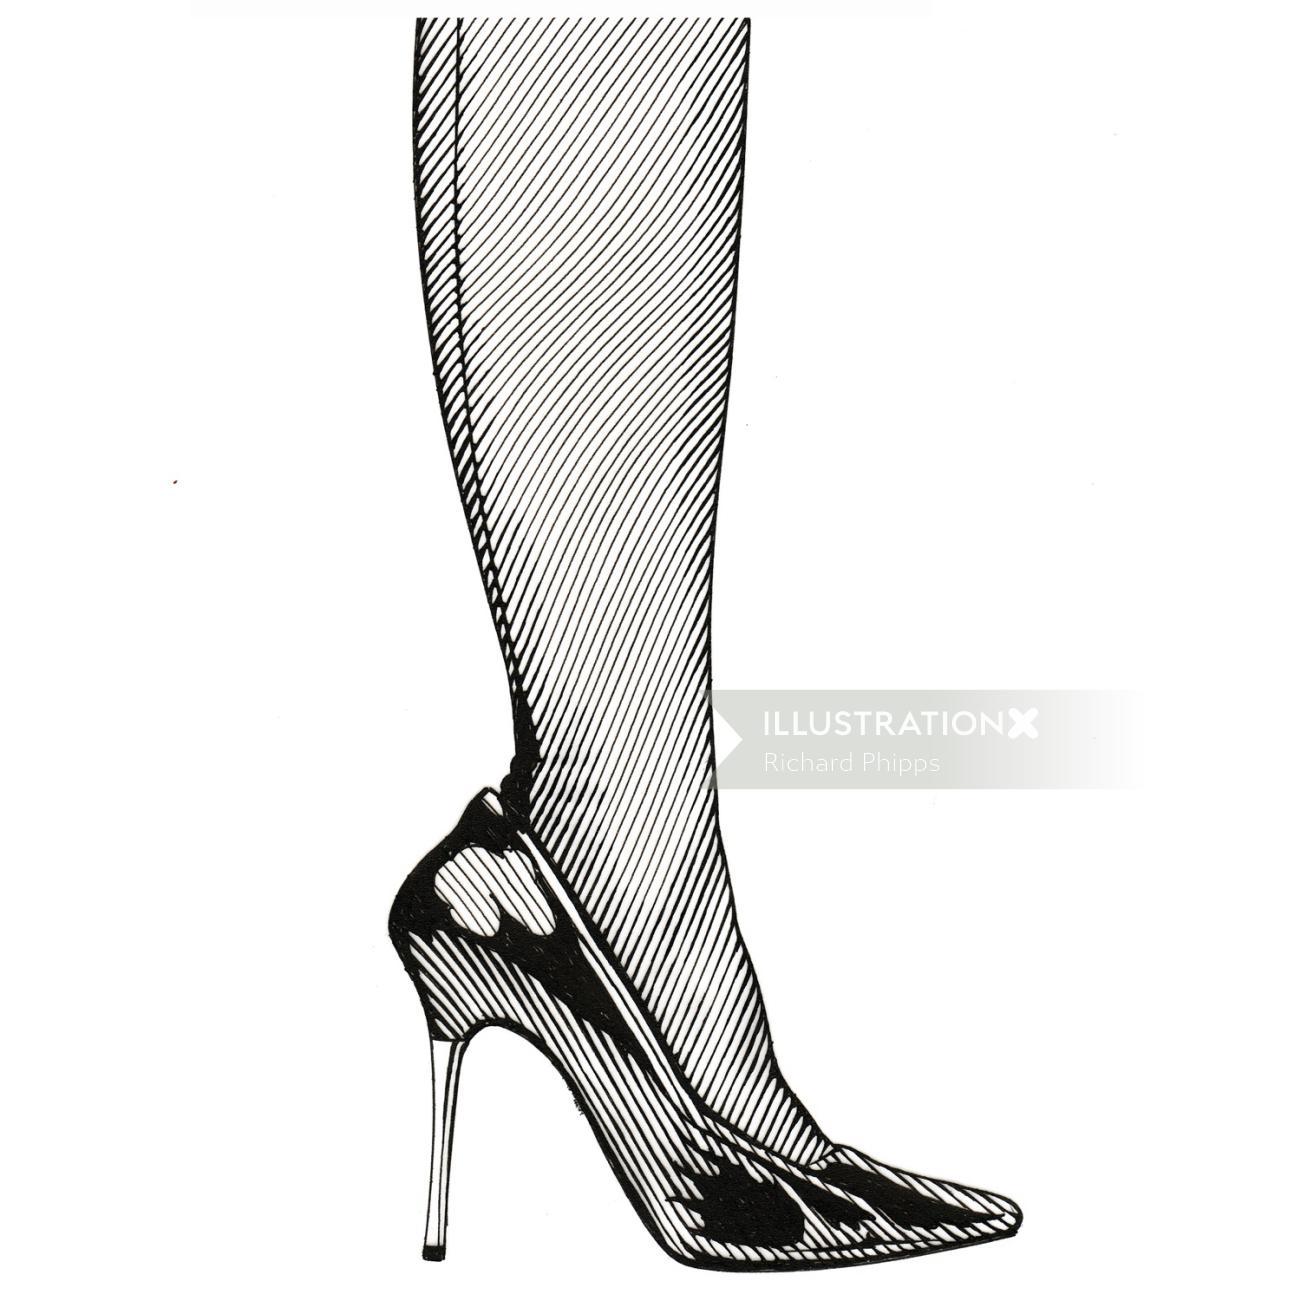 High heel graphic art